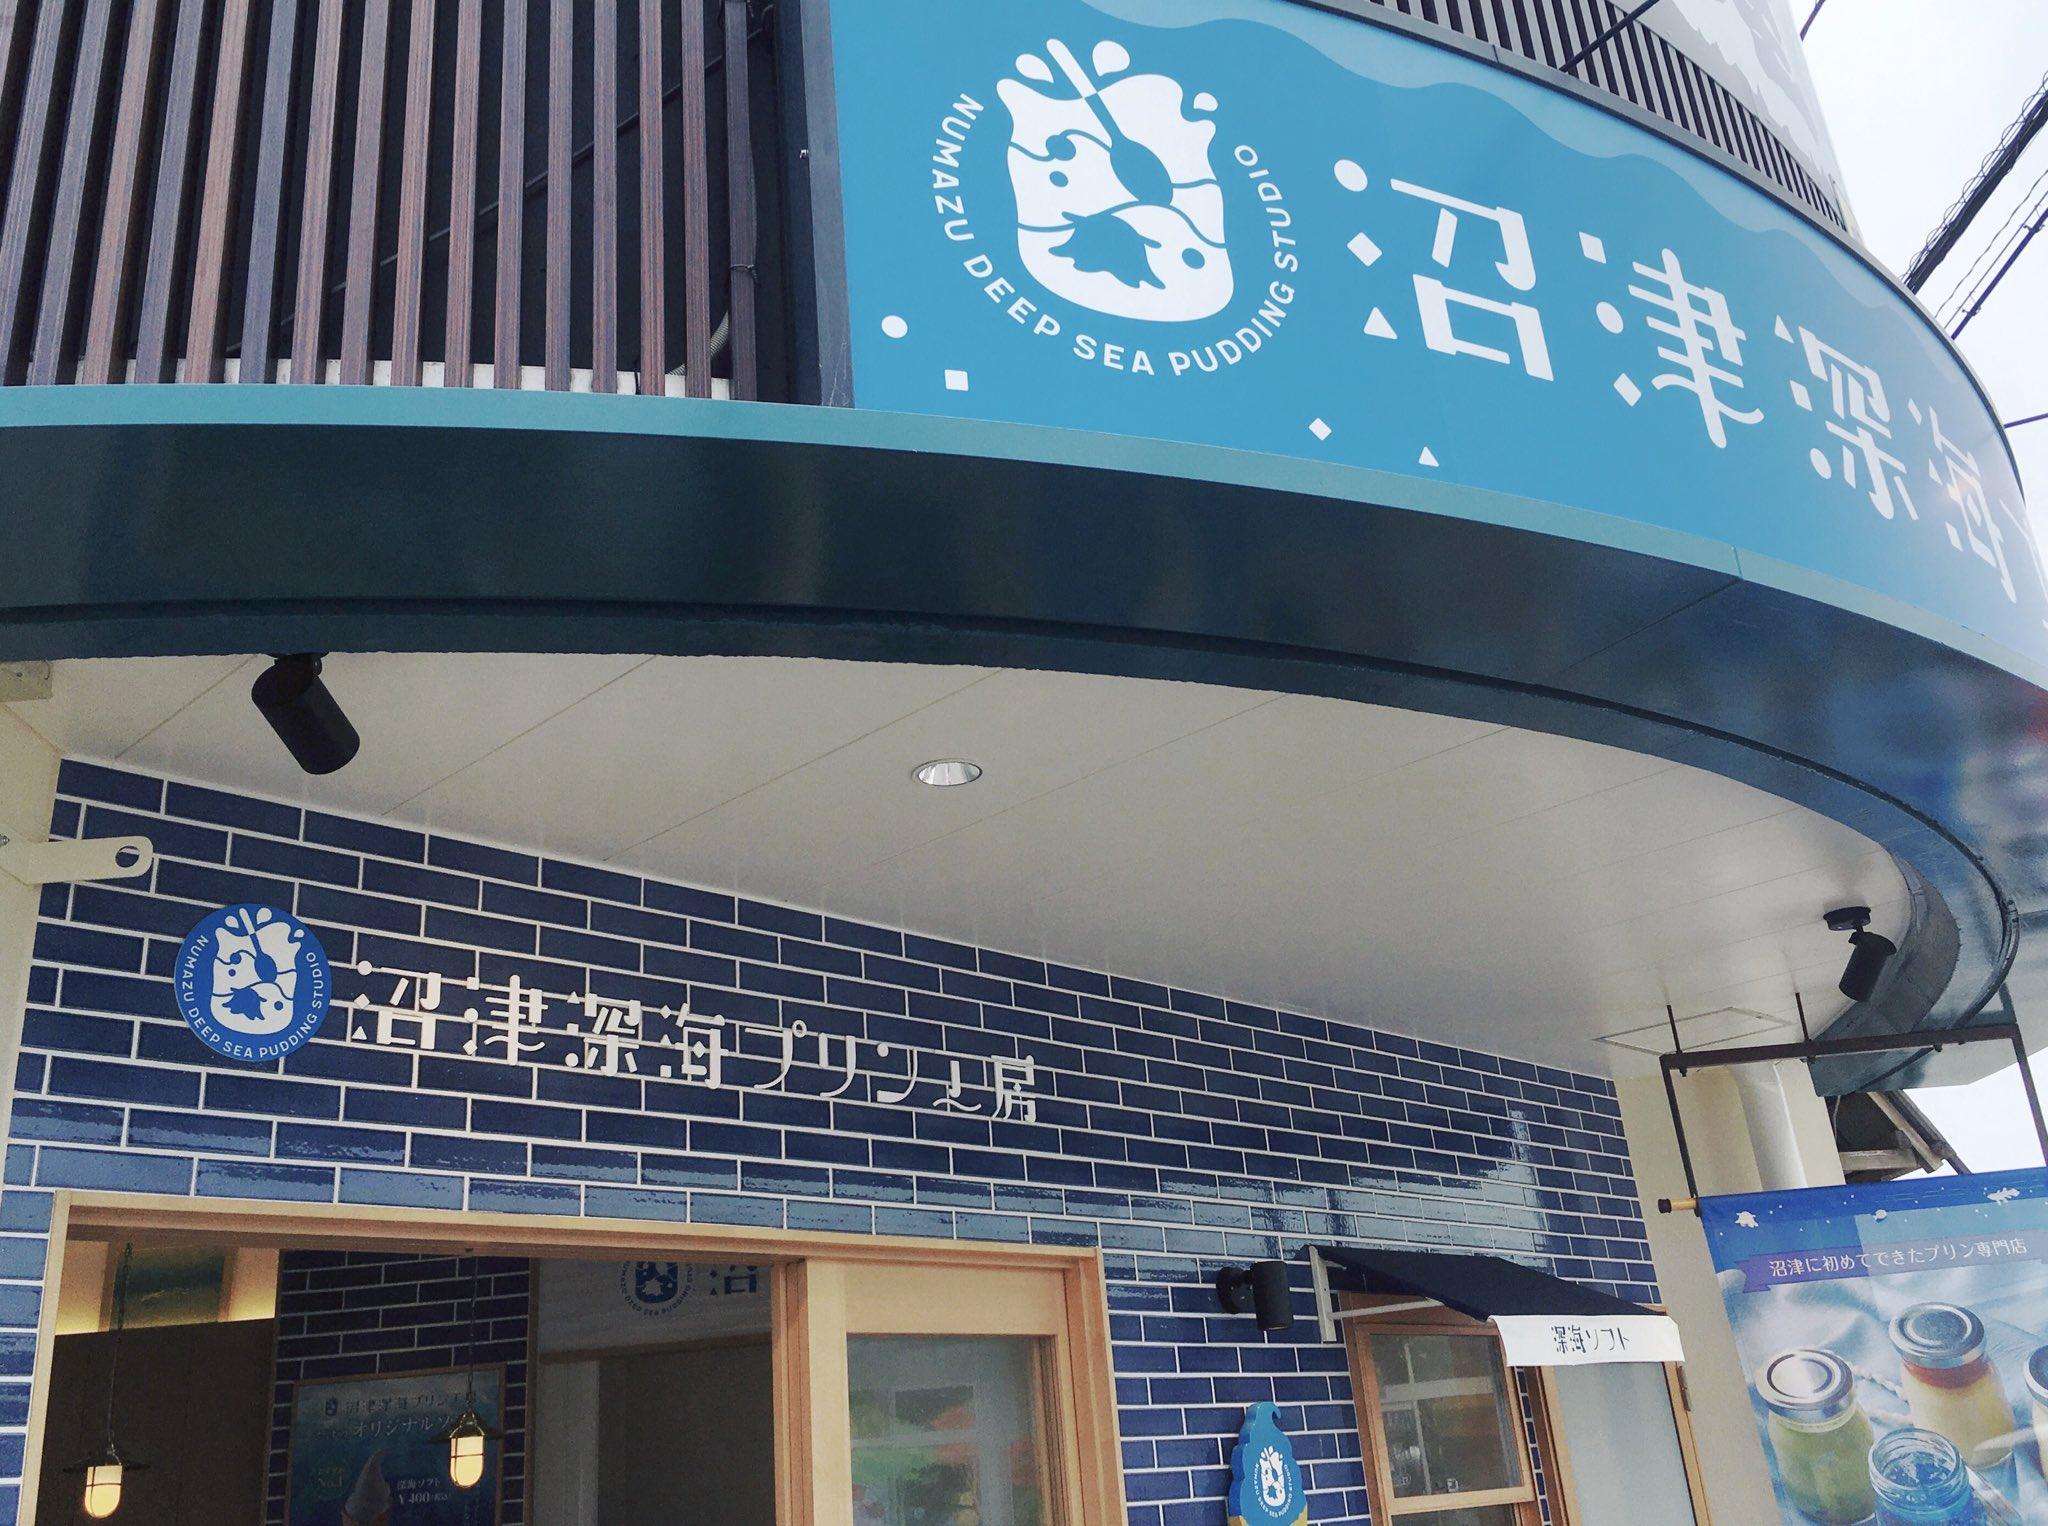 先週オープンした沼津深海プリン工房さん。お店可愛いし深海プリンおいしいめちゃめちゃおいしい…